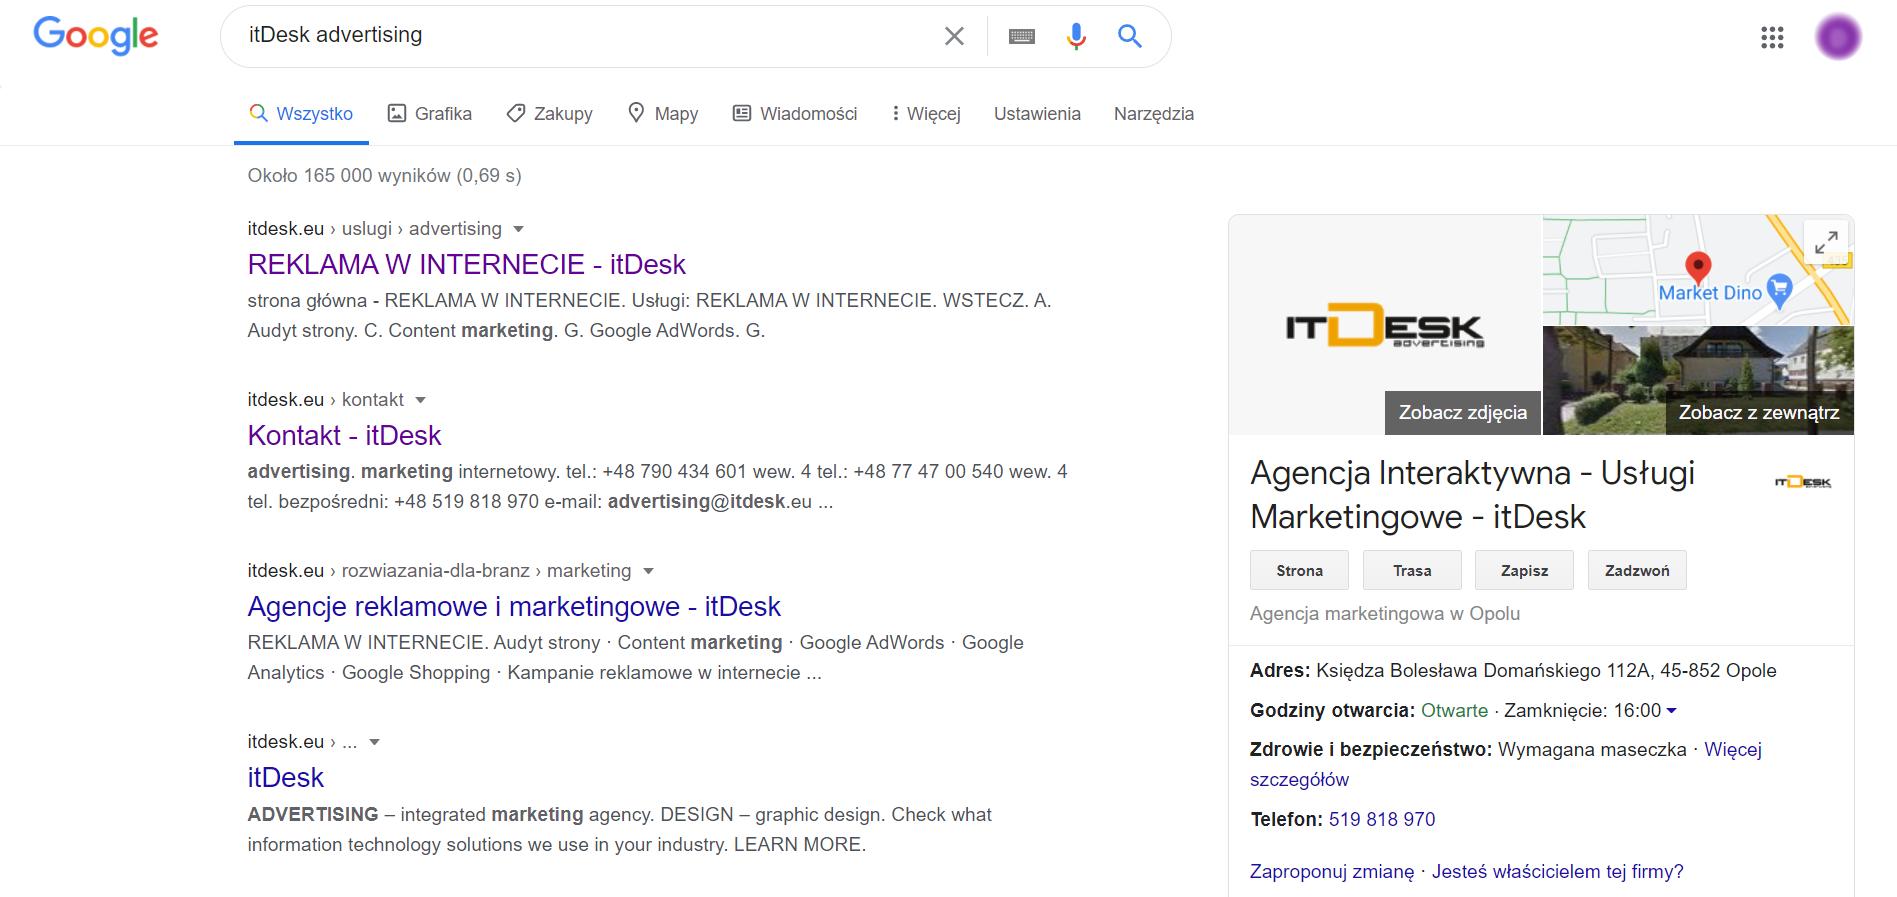 Wyniki wyszukiwania agencji marketingowej